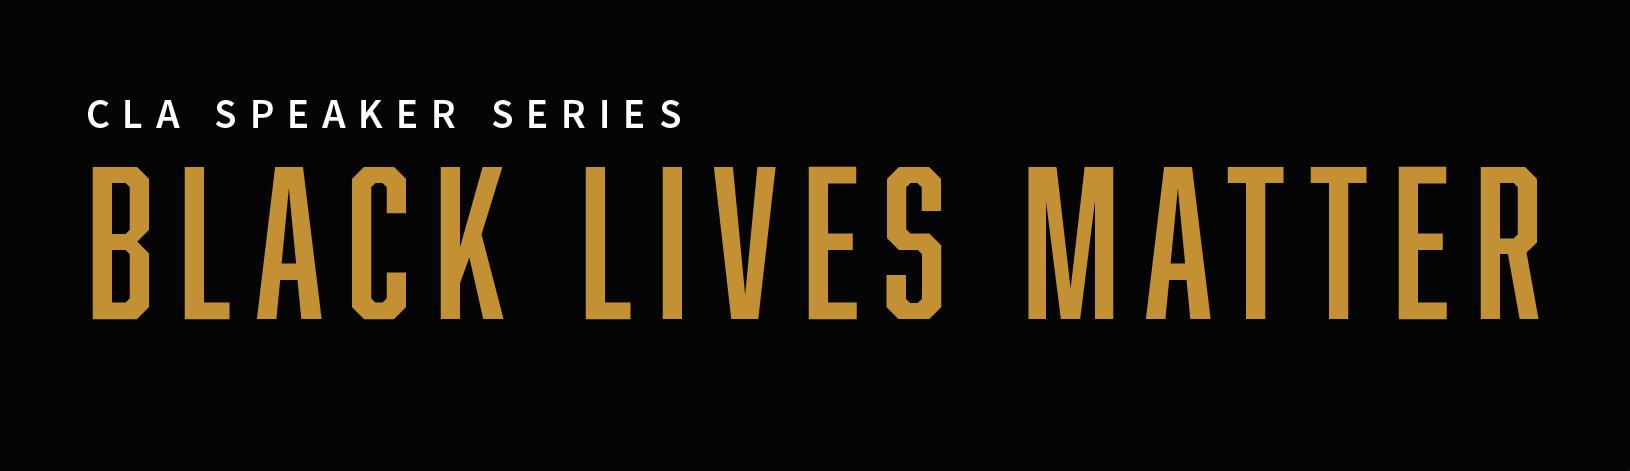 CLA Black Lives Matter Speaker Series